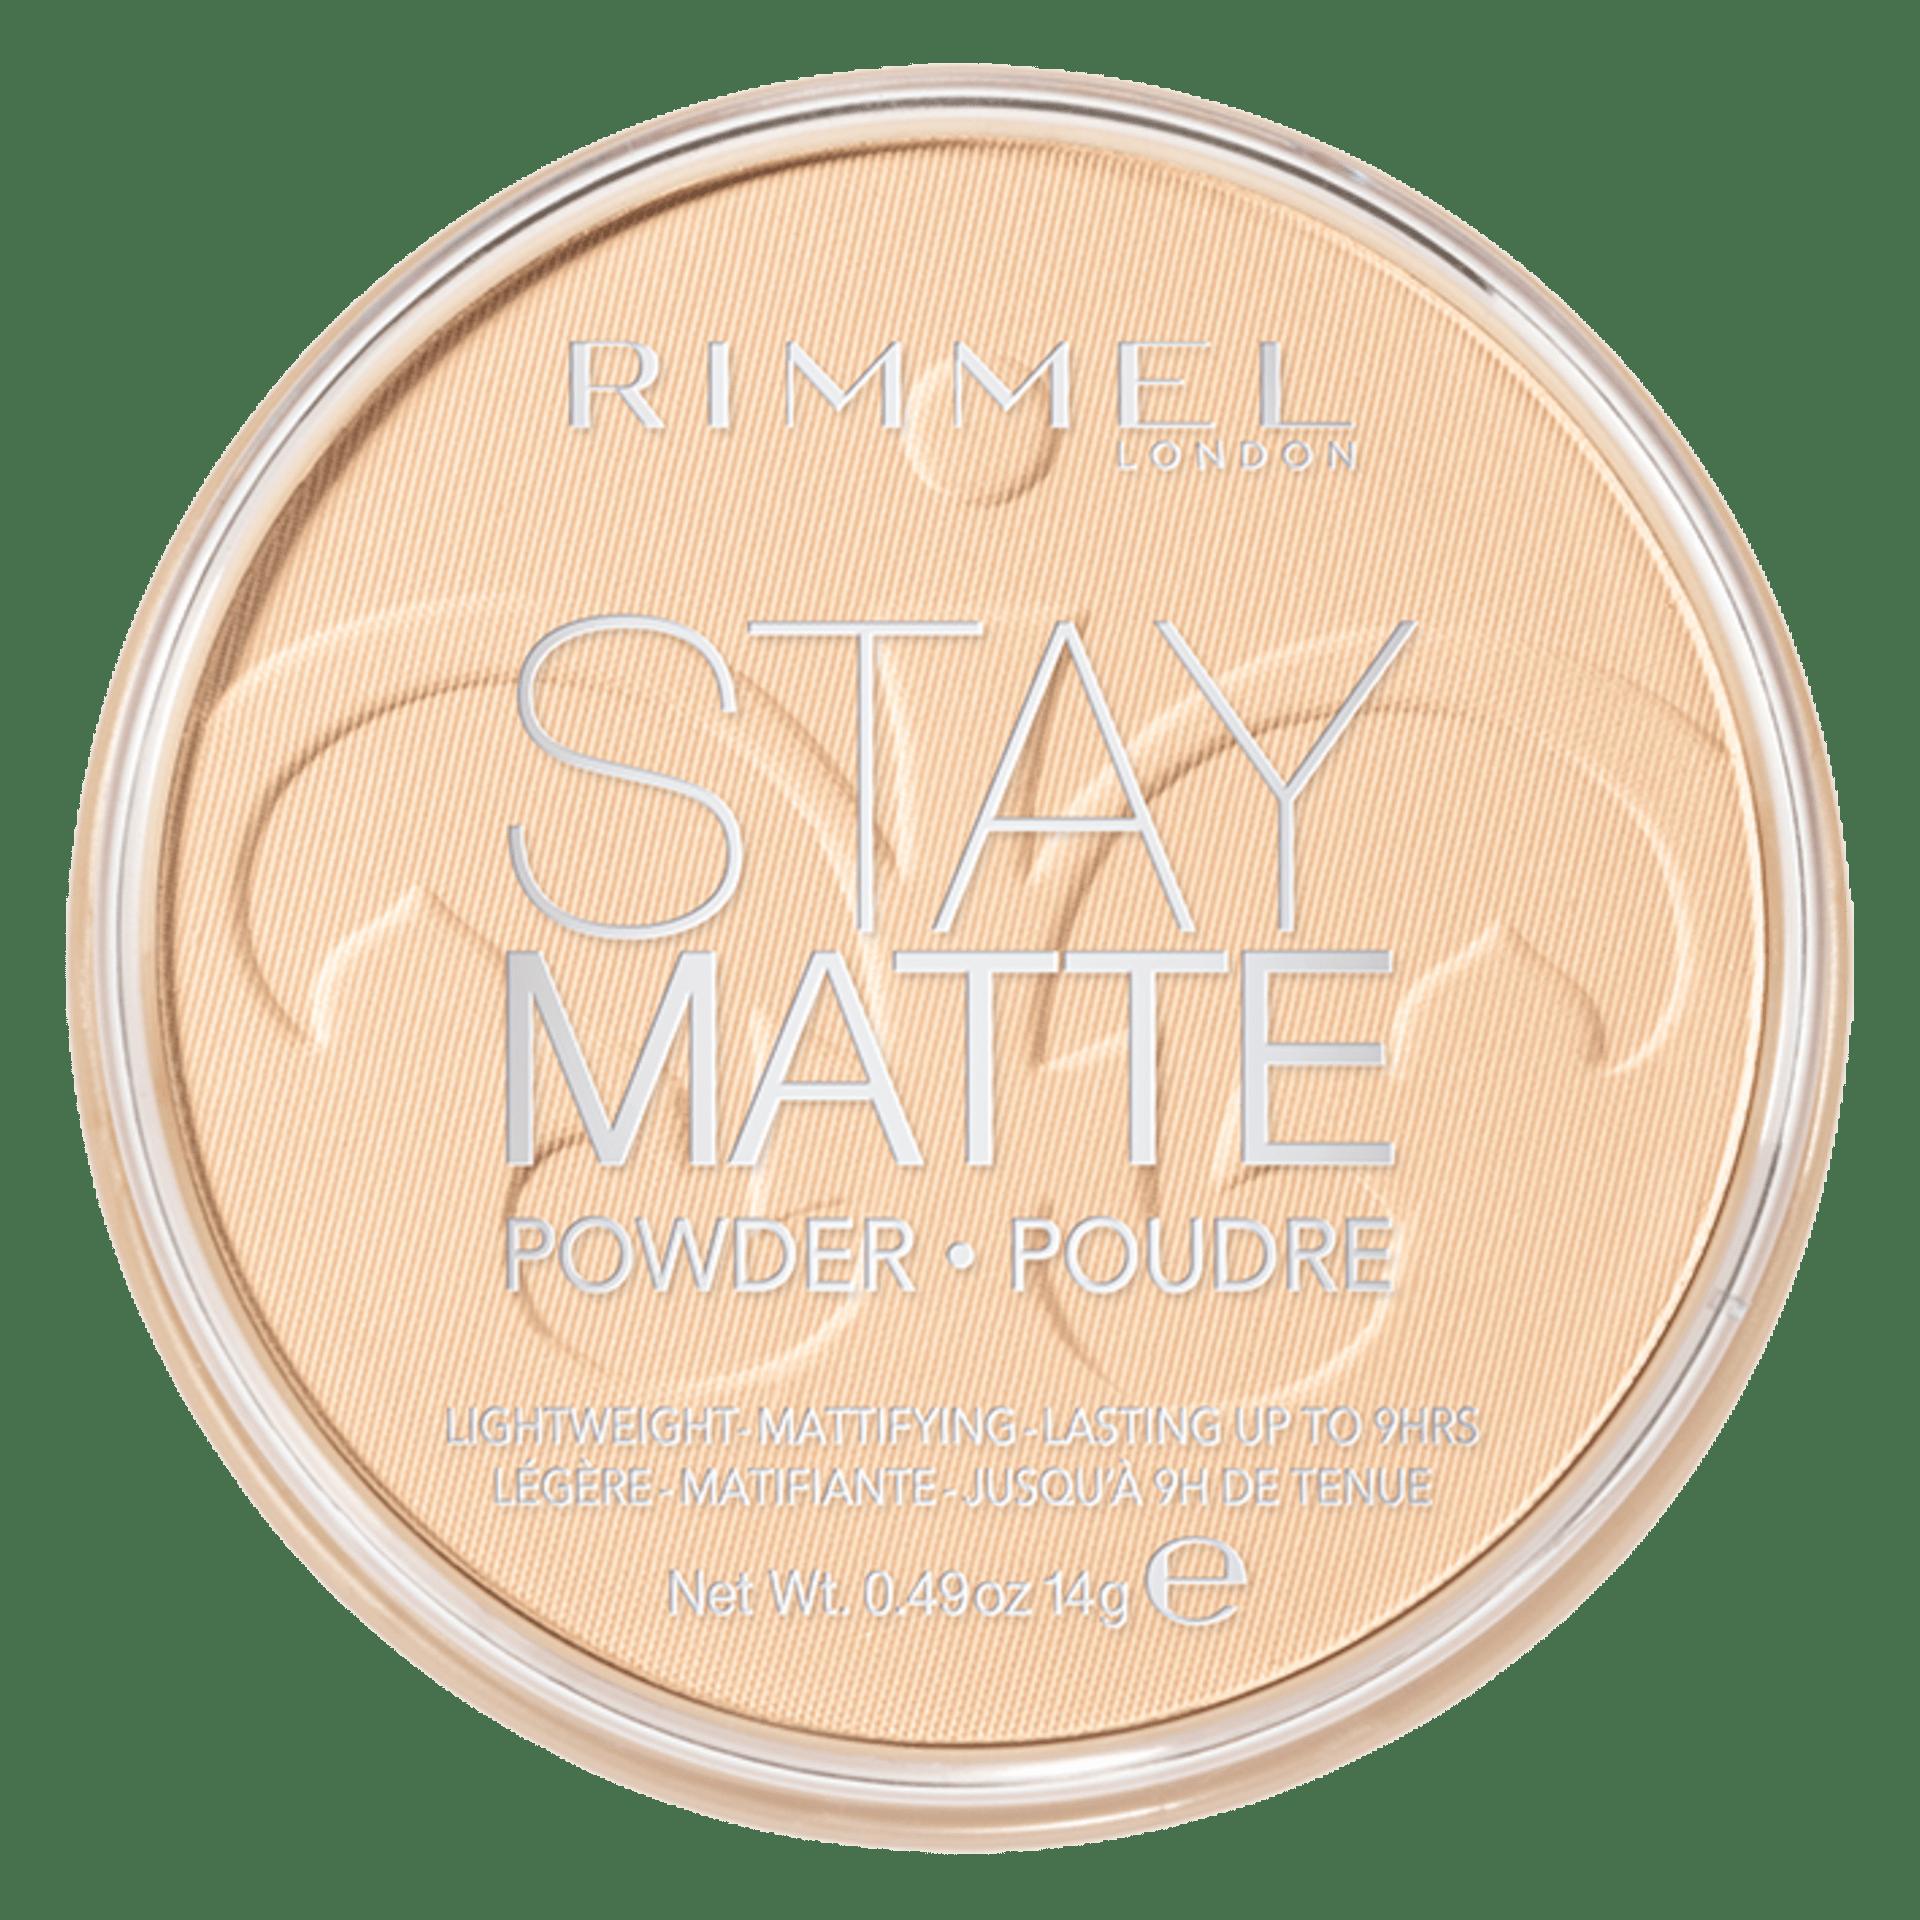 Image of Rimmel Stay Matte Cipria Compatta - 001 Trasparent